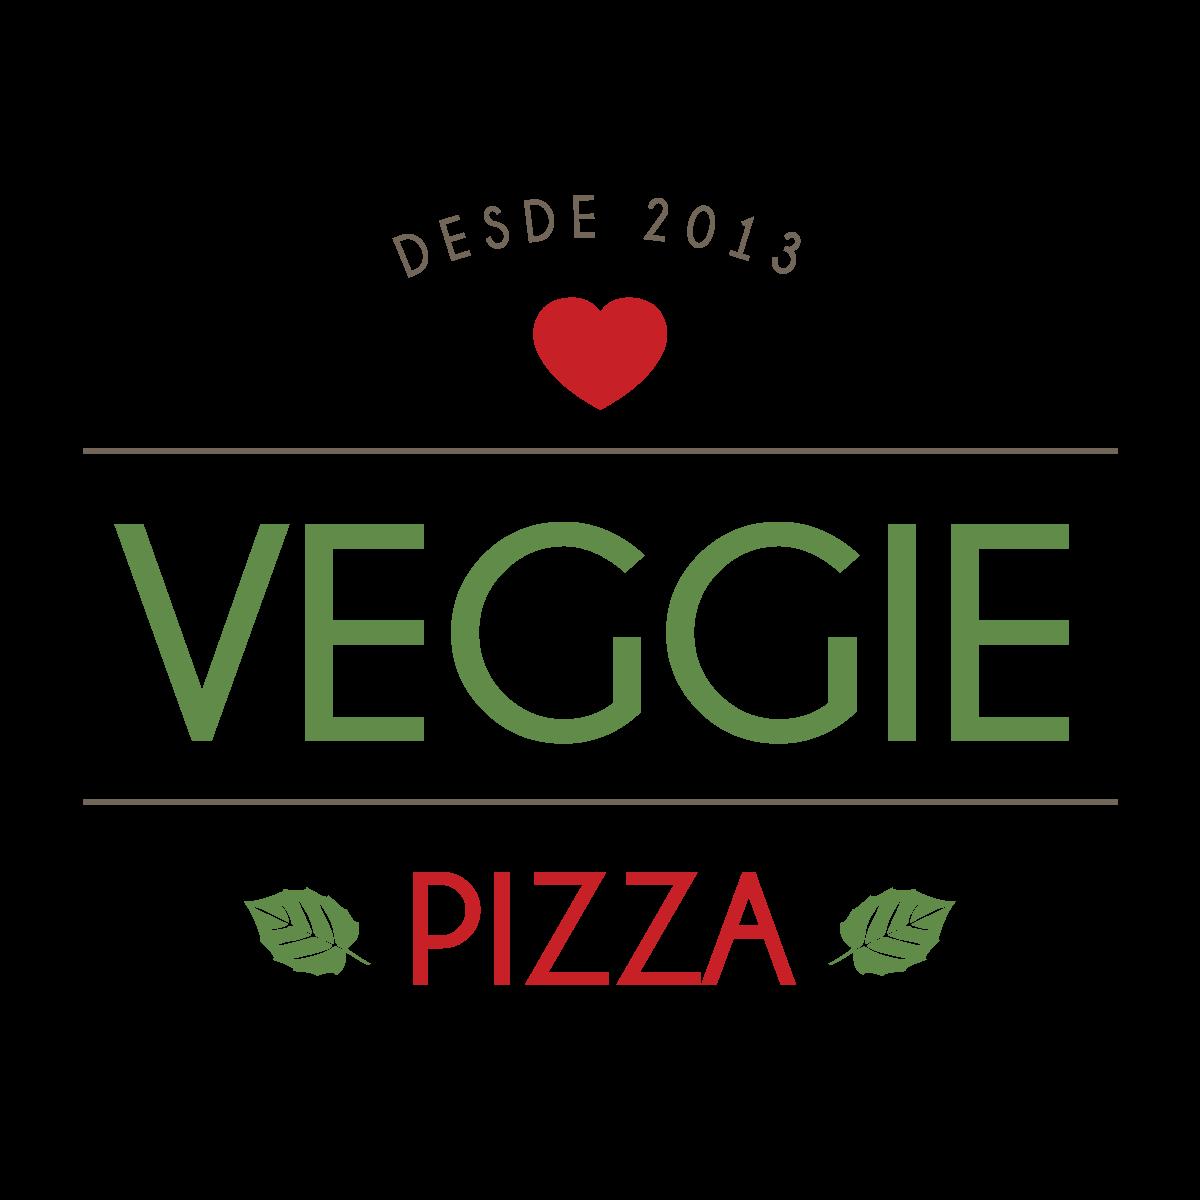 veggie-pizza-logo